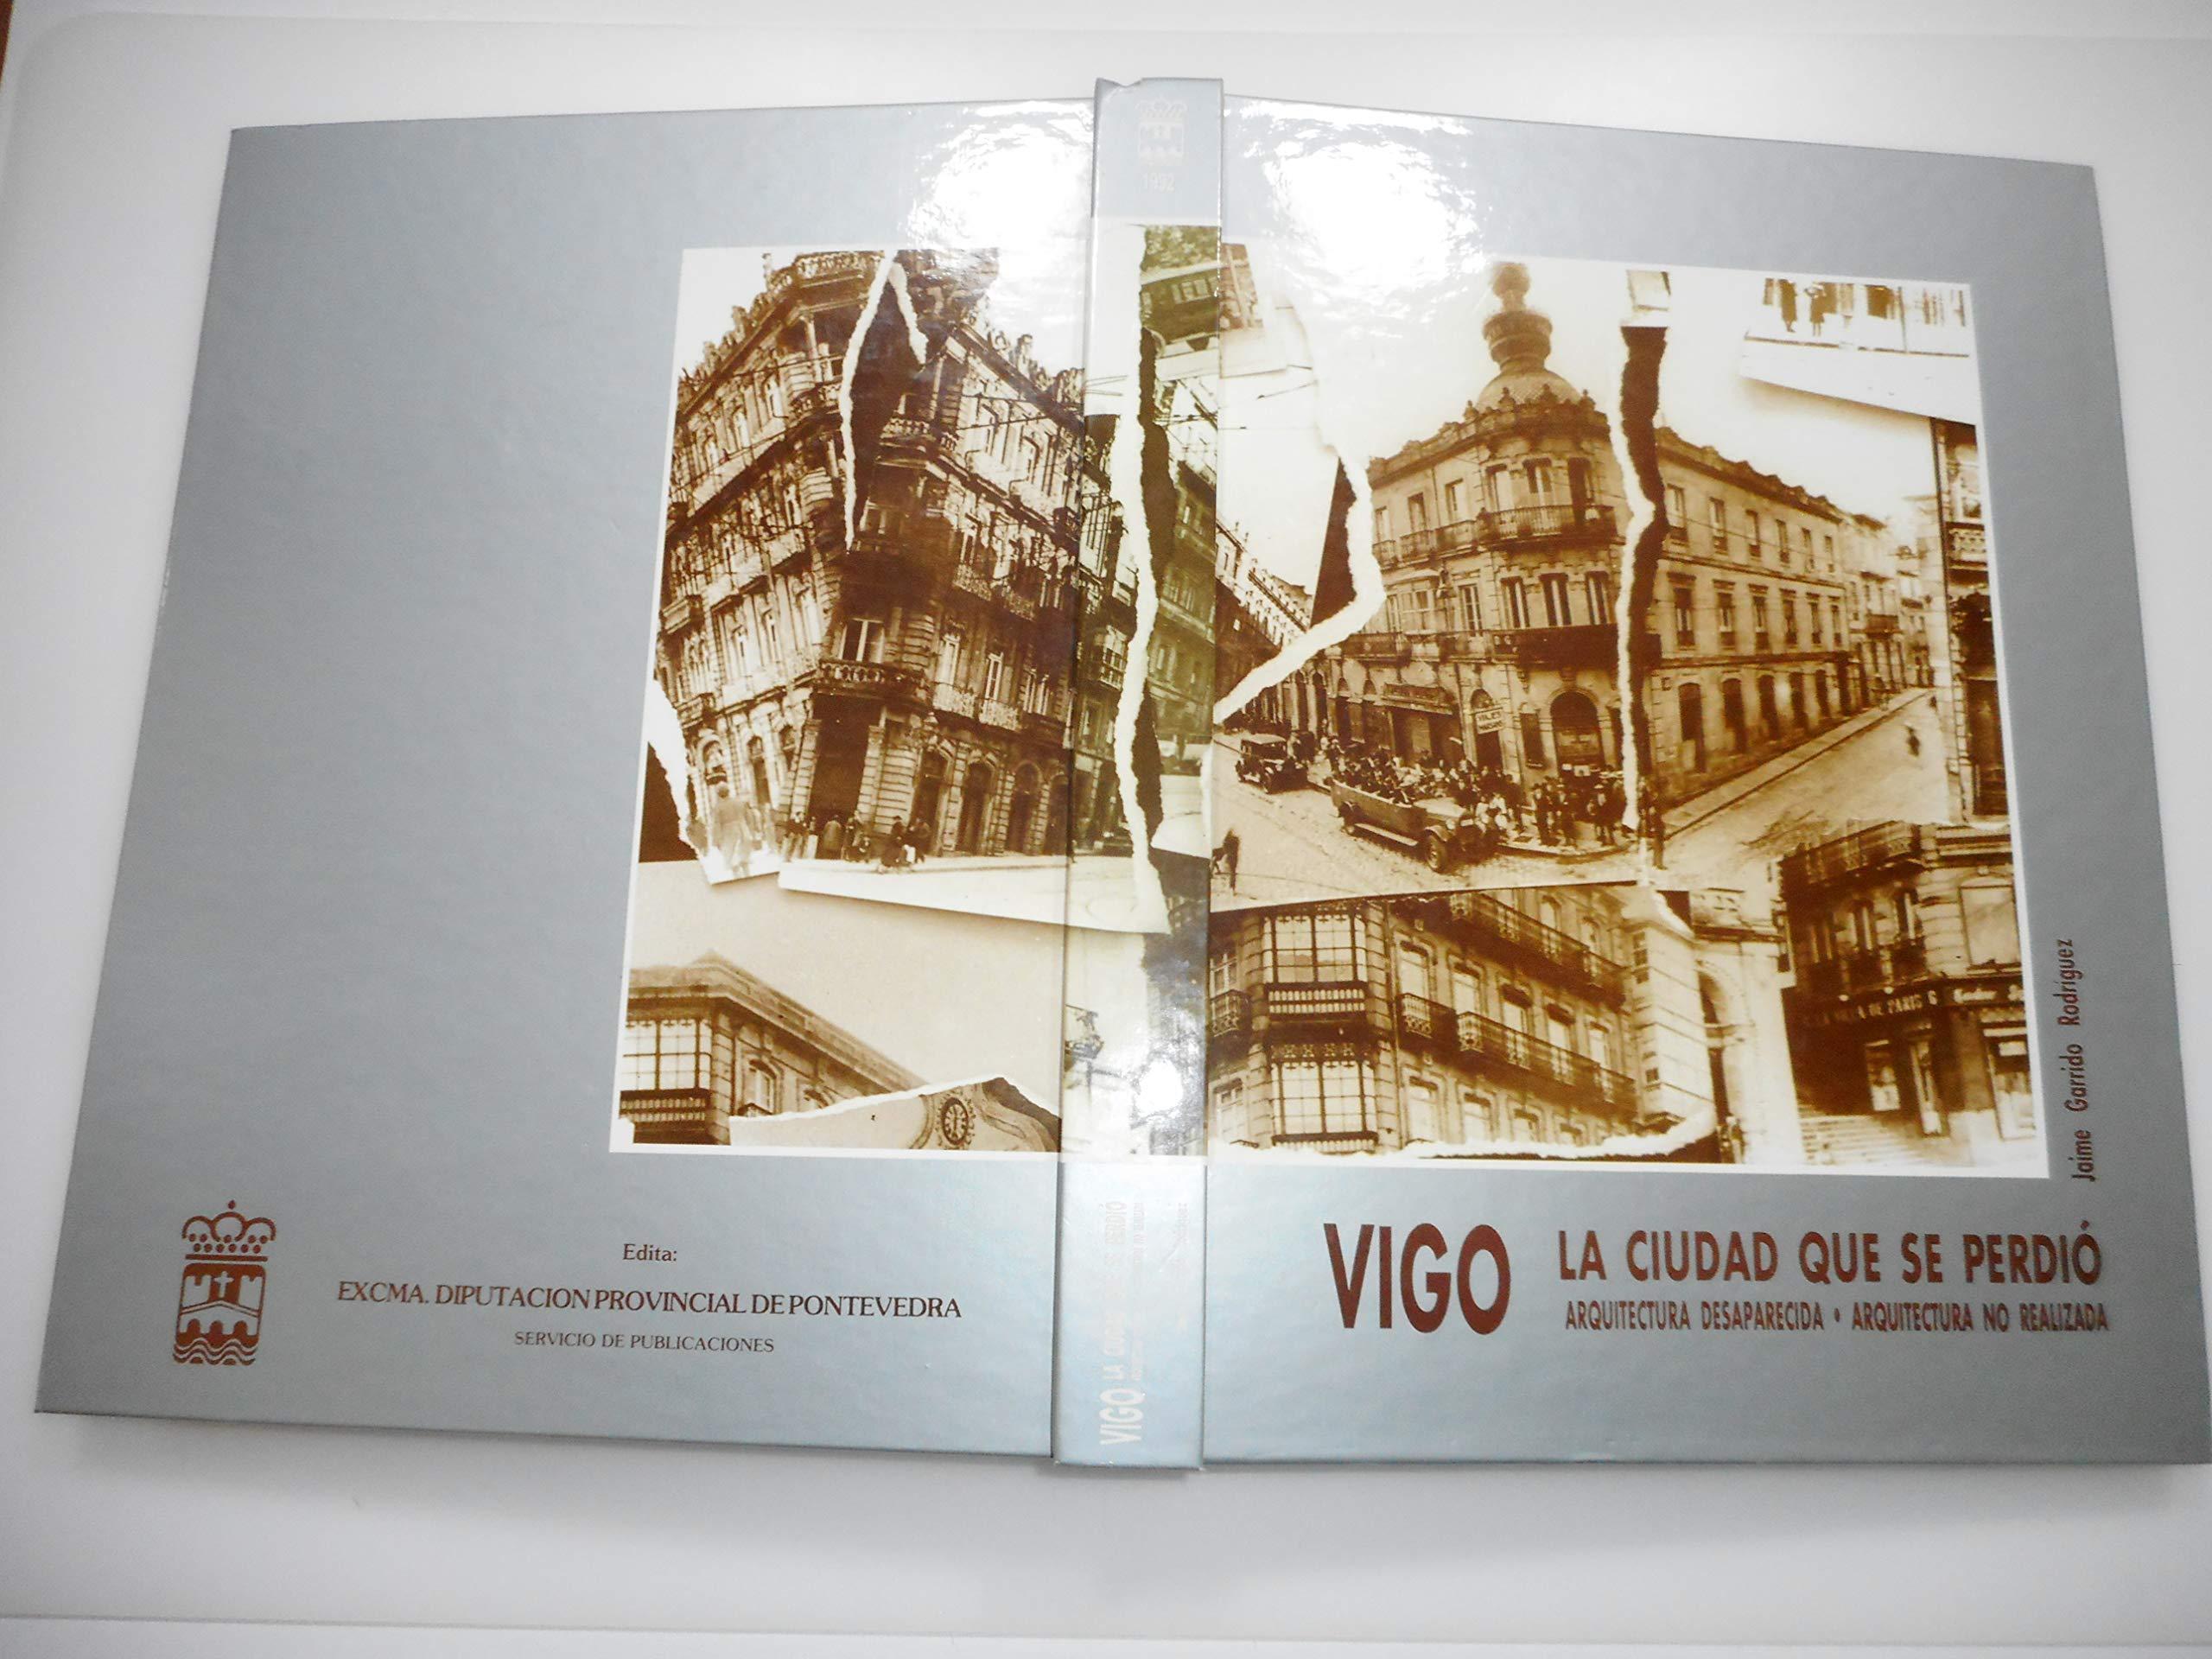 VIGO LA CIUDAD QUE SE PERDIO ARQUITECTURA DESAPARECIDA ...